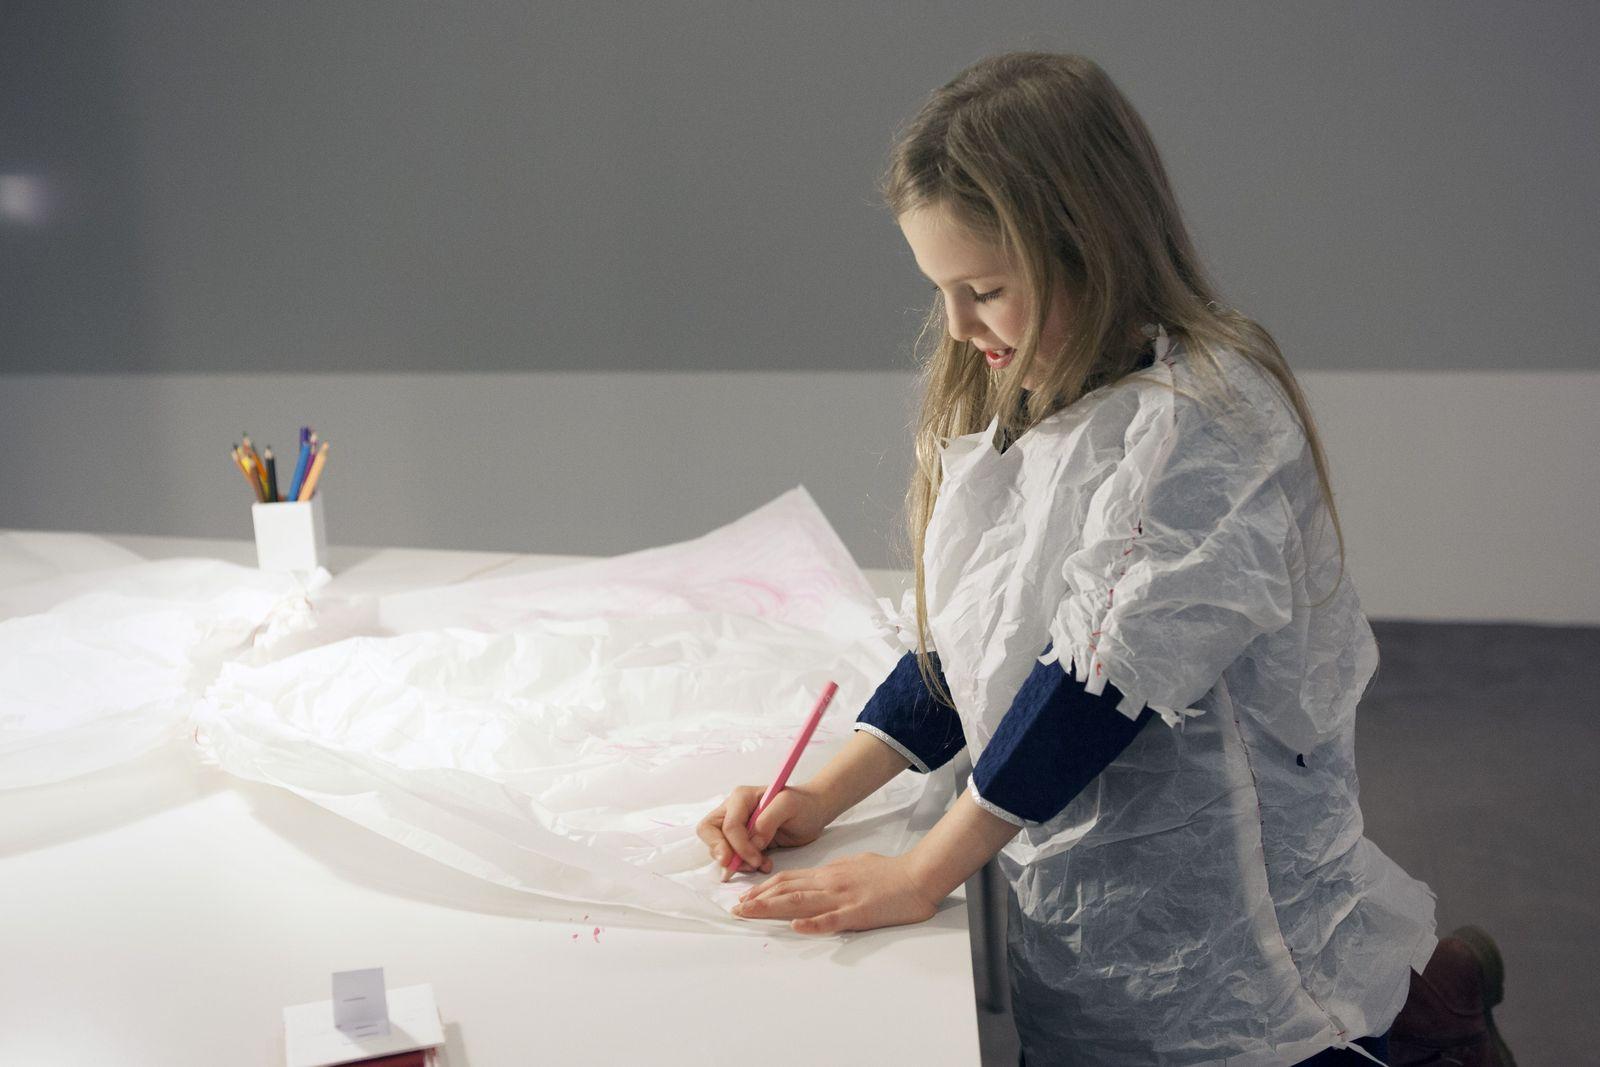 © Staatliche Museen zu Berlin / Juliane Eirich, 2016